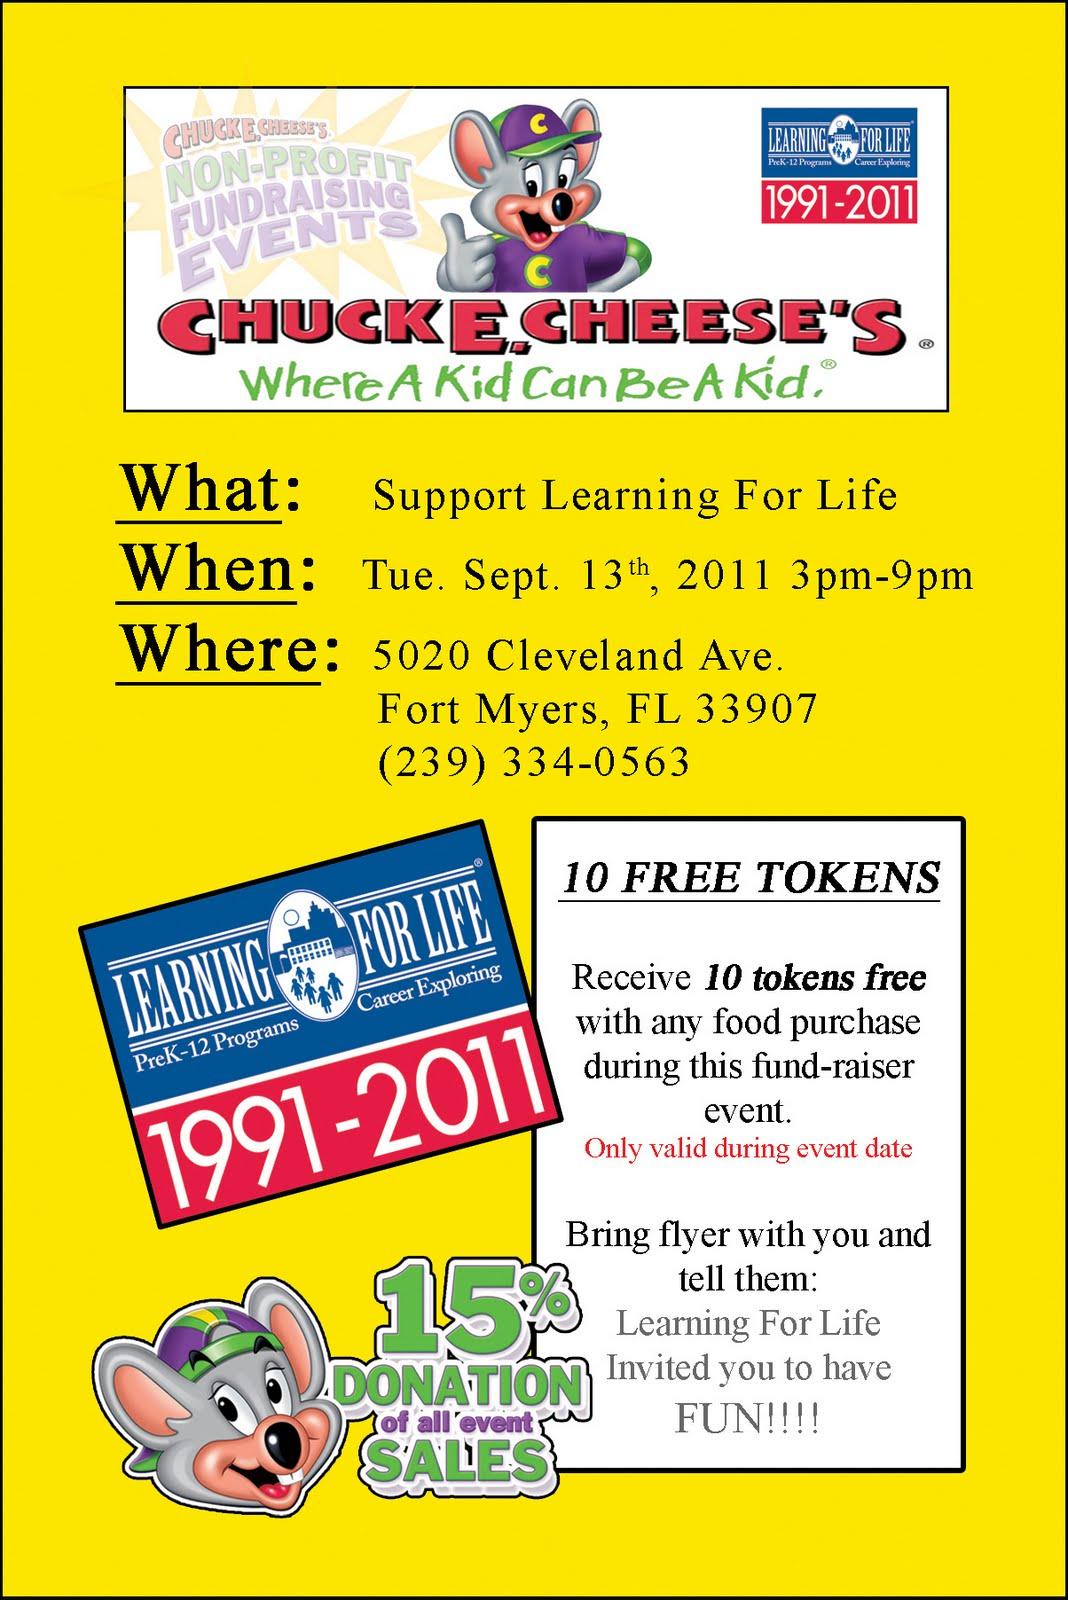 chuck e cheese fundraiser